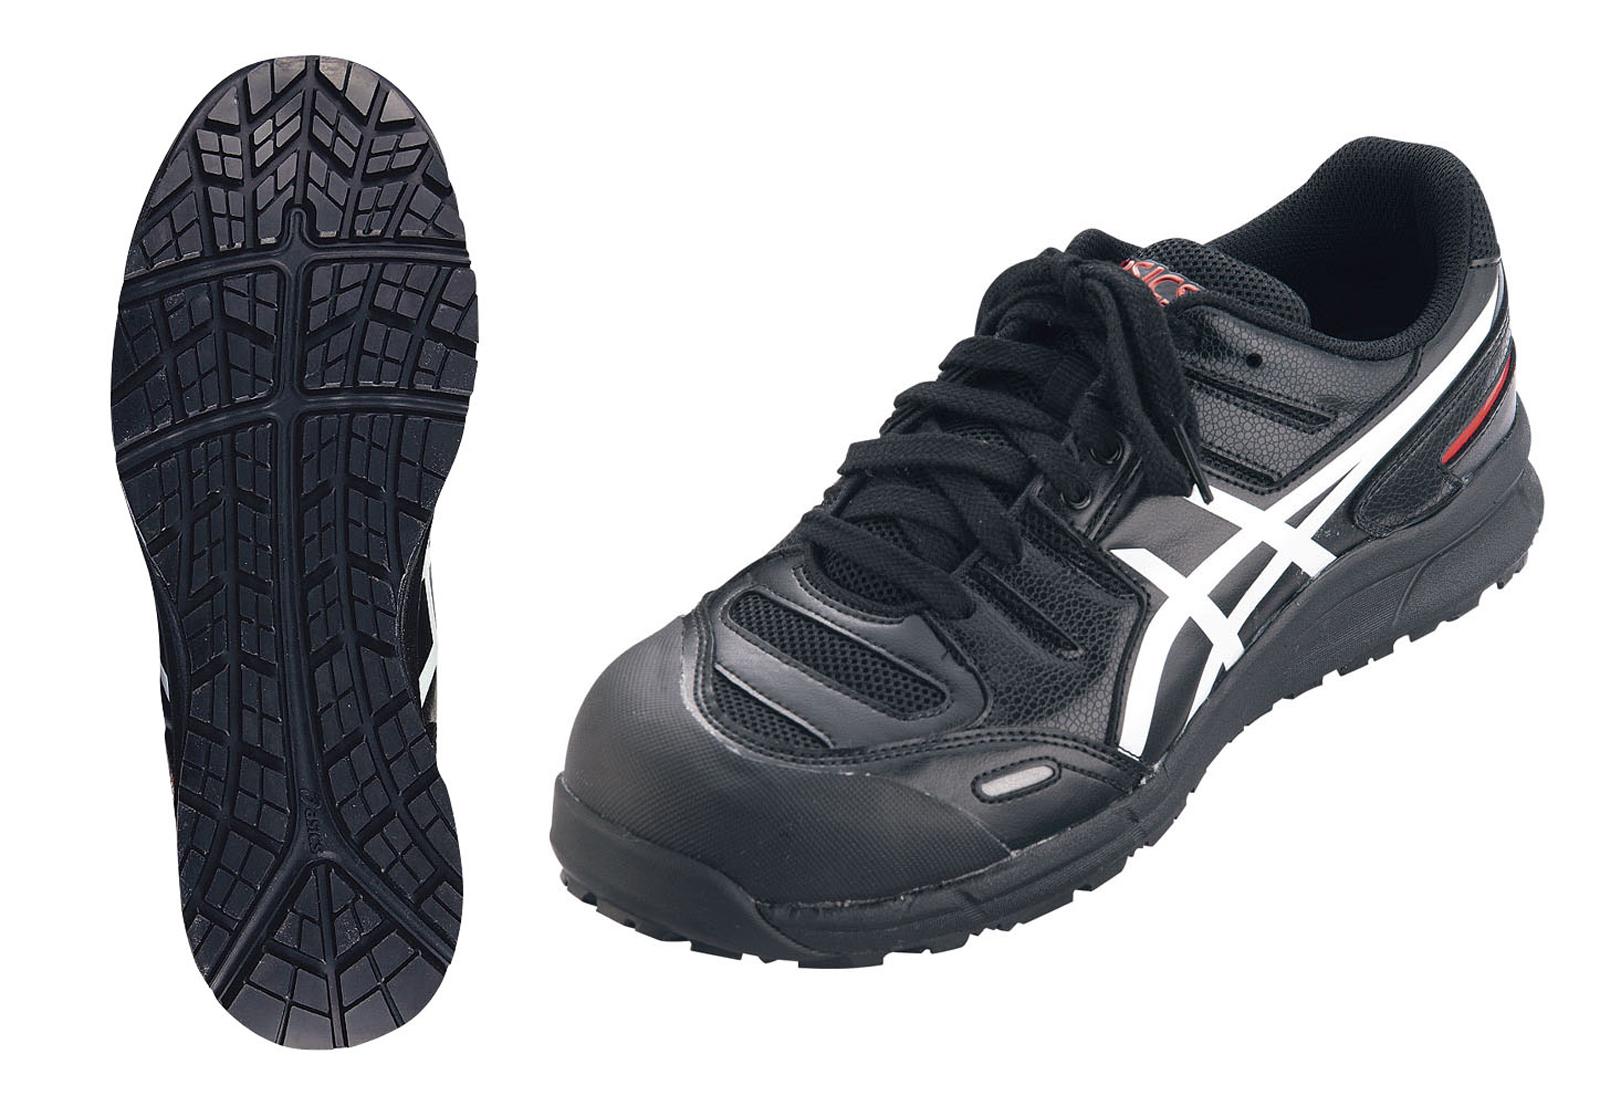 アシックス ウィンジョブ安全靴CP103 BK×ホワイト 24.5cm 6-1309-0802【厨房用品 長靴 白衣 靴 サンダル スリッパ 業務用 販売 通販】[10P03Dec16]